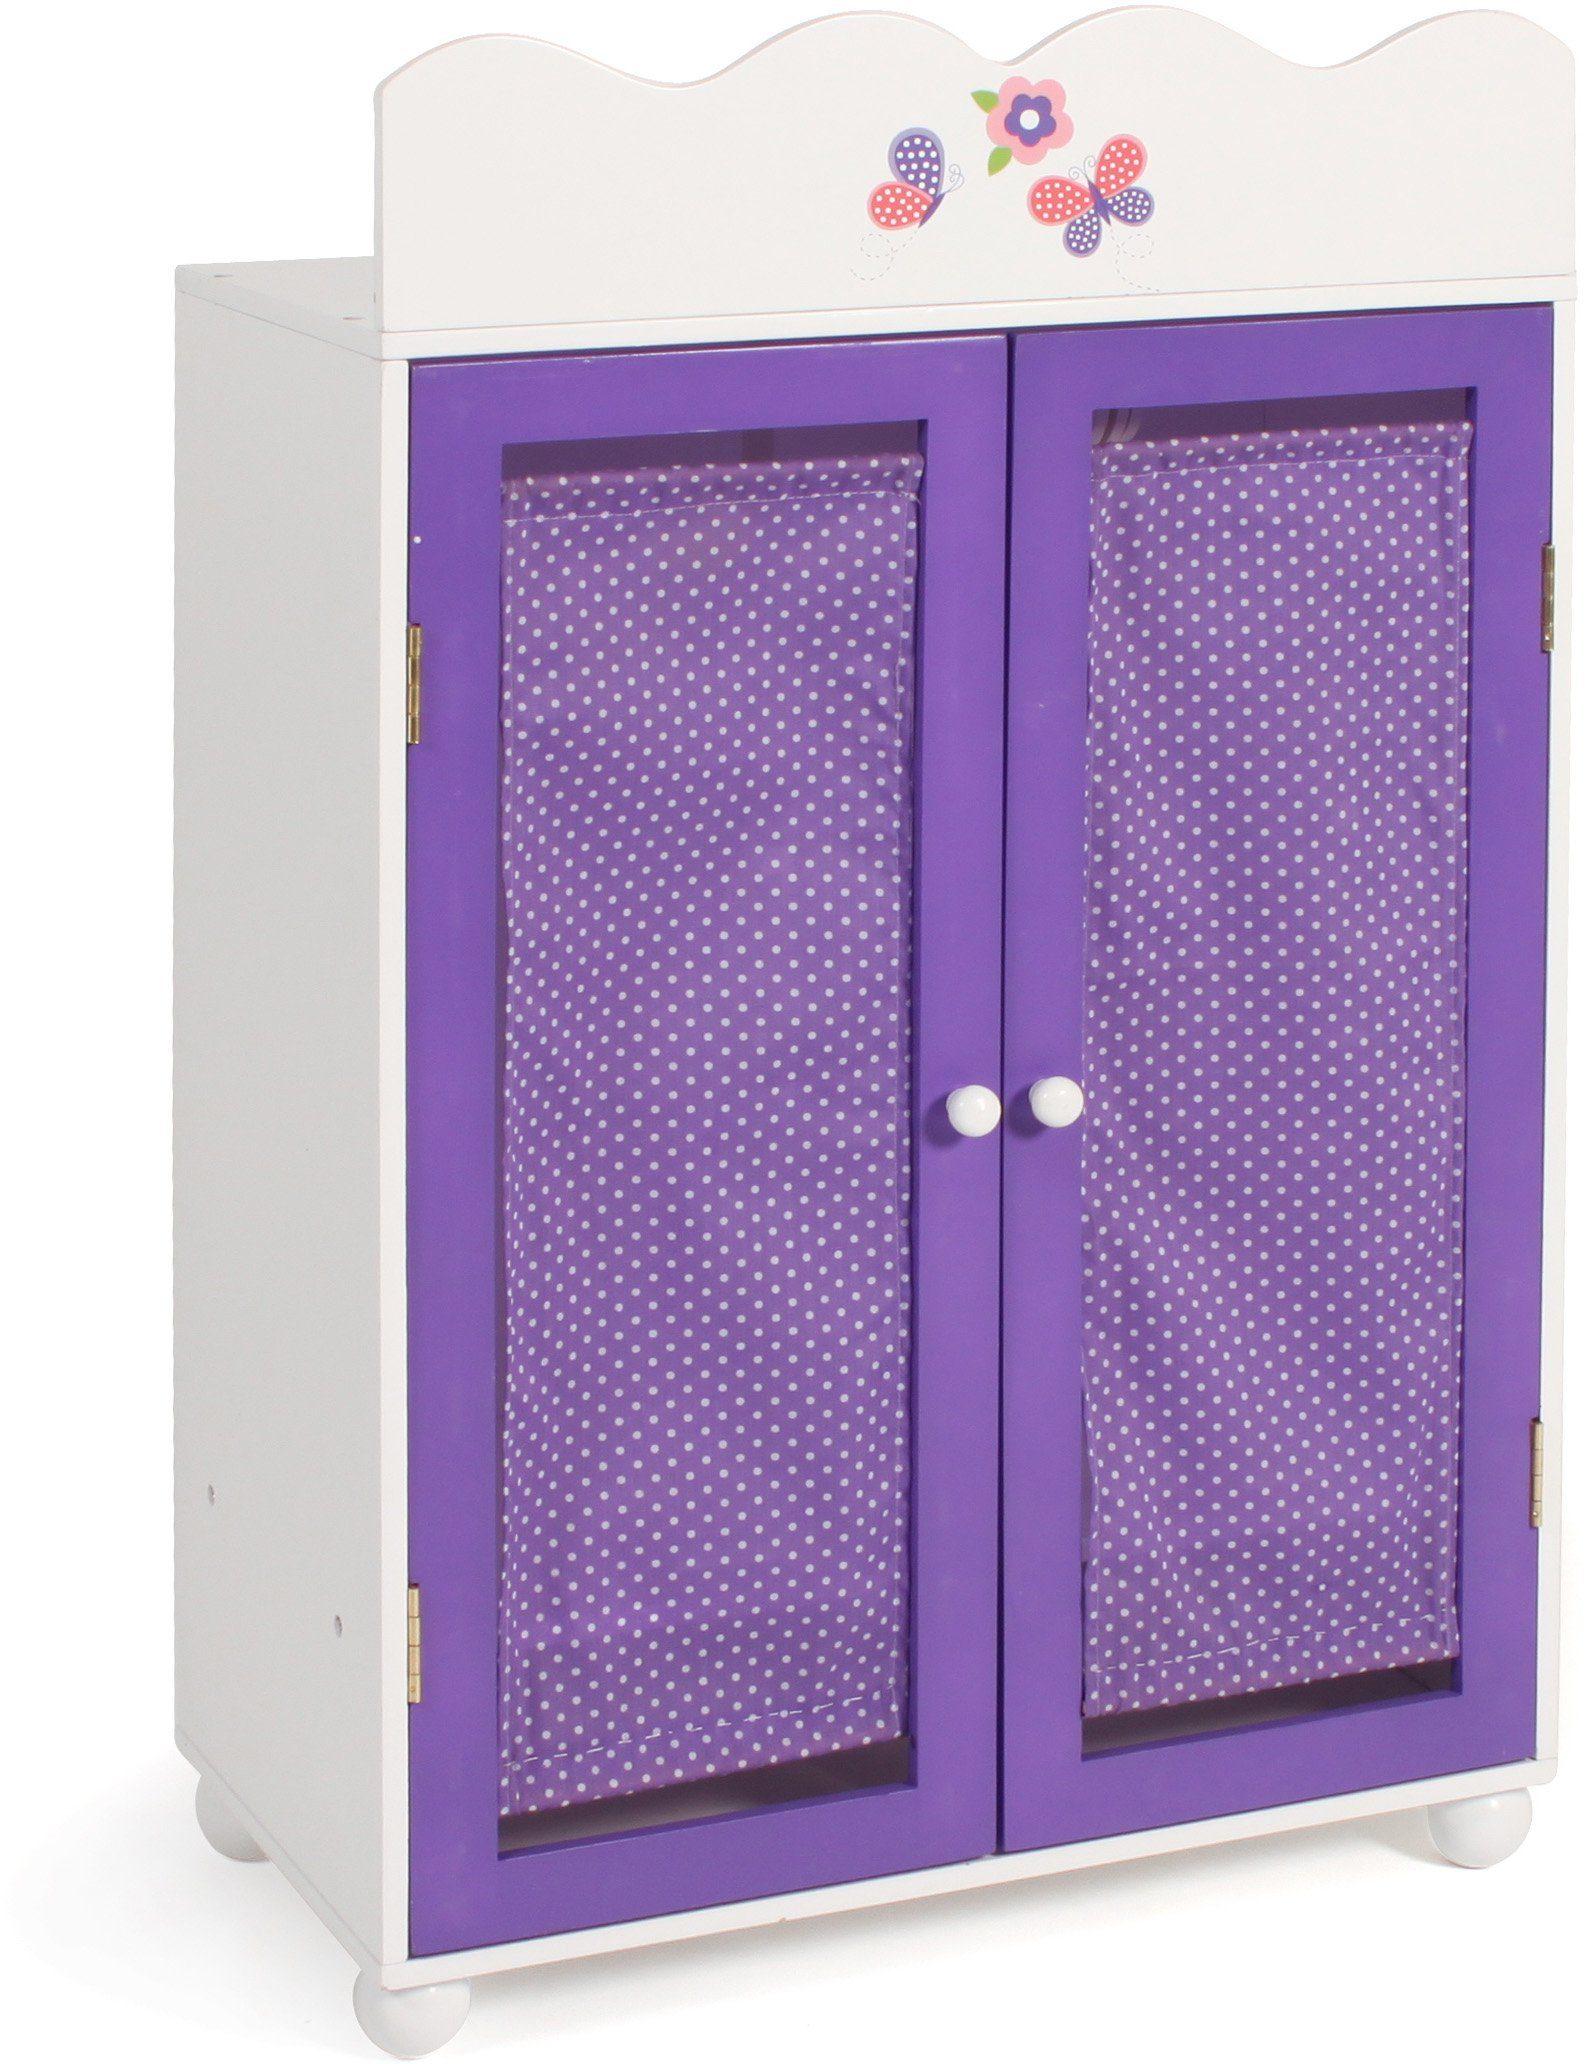 CHIC2000 Puppenkleiderschrank, »Papilio purple«